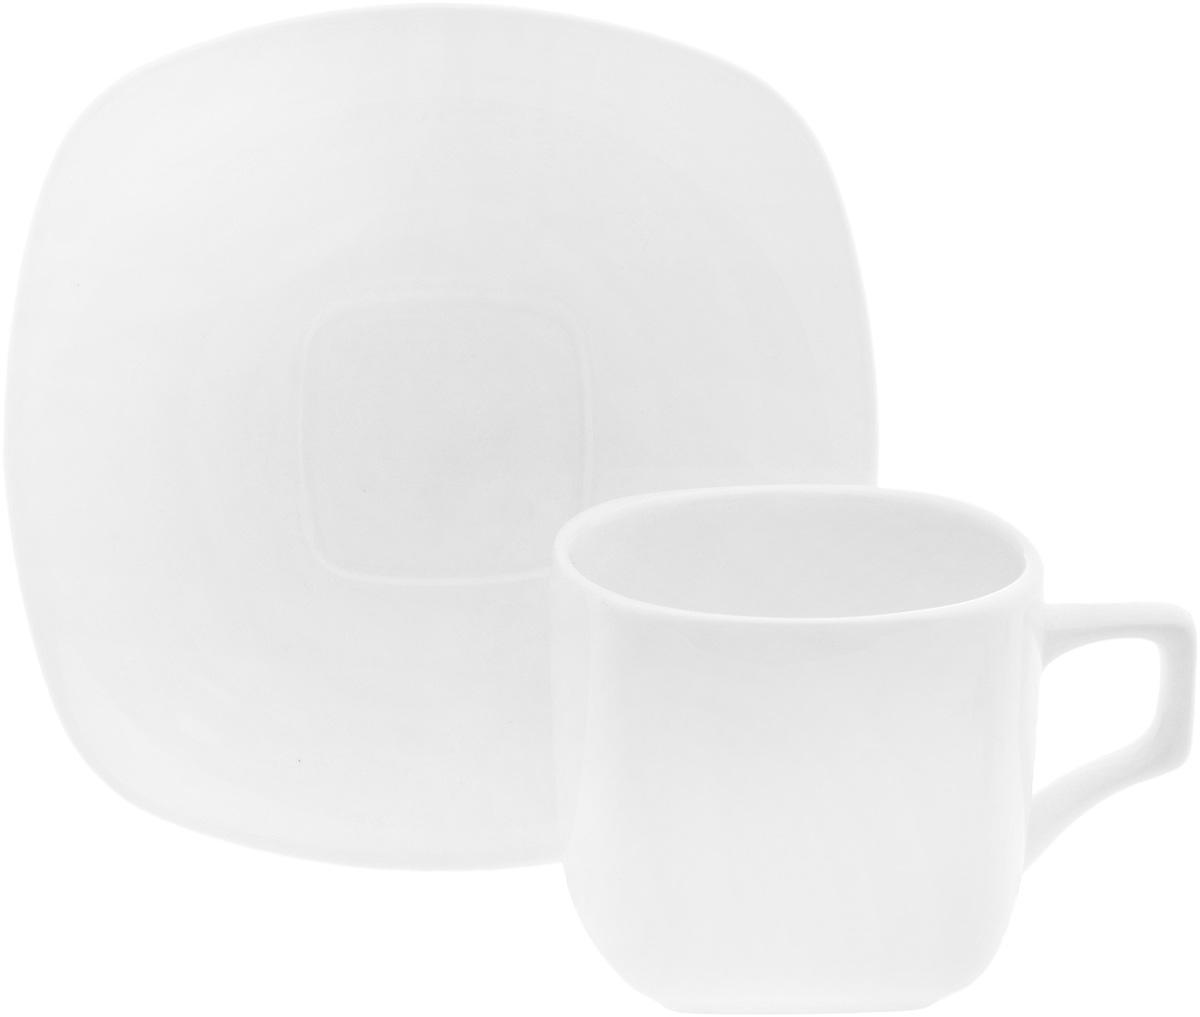 Чайная пара Wilmax, 2 предмета. WL-993003/1C54 009312Чайная пара Wilmax состоит из чашки и блюдца. Изделия выполнены из высококачественного фарфора и имеют необычную форму. Оригинальный дизайн, несомненно, придется вам по вкусу. Чайная пара Wilmax украсит ваш кухонный стол, а также станет замечательным подарком к любому празднику.Объем чашки: 200 мл.Размер чашки (по верхнему краю): 7,5 х 7,5 см.Высота чашки: 6,5 см.Размер блюдца: 14,5х 14,5 см.Высота блюдца: 2 см.